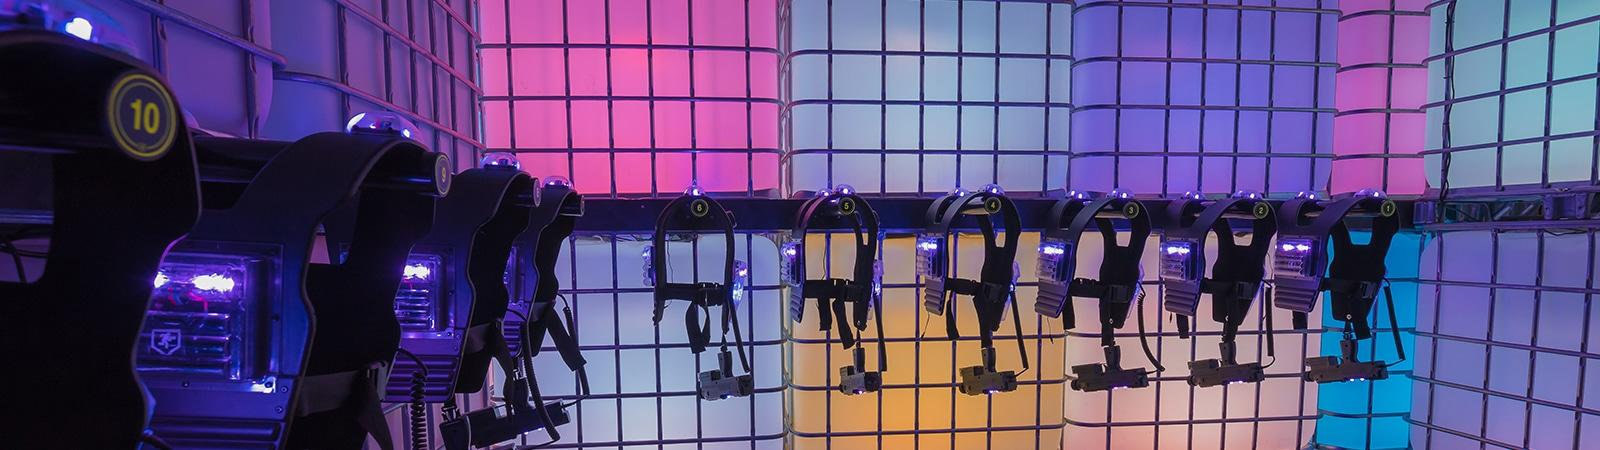 Lasertag spielen buchen reservieren NRW Ruhrgebiet Herne